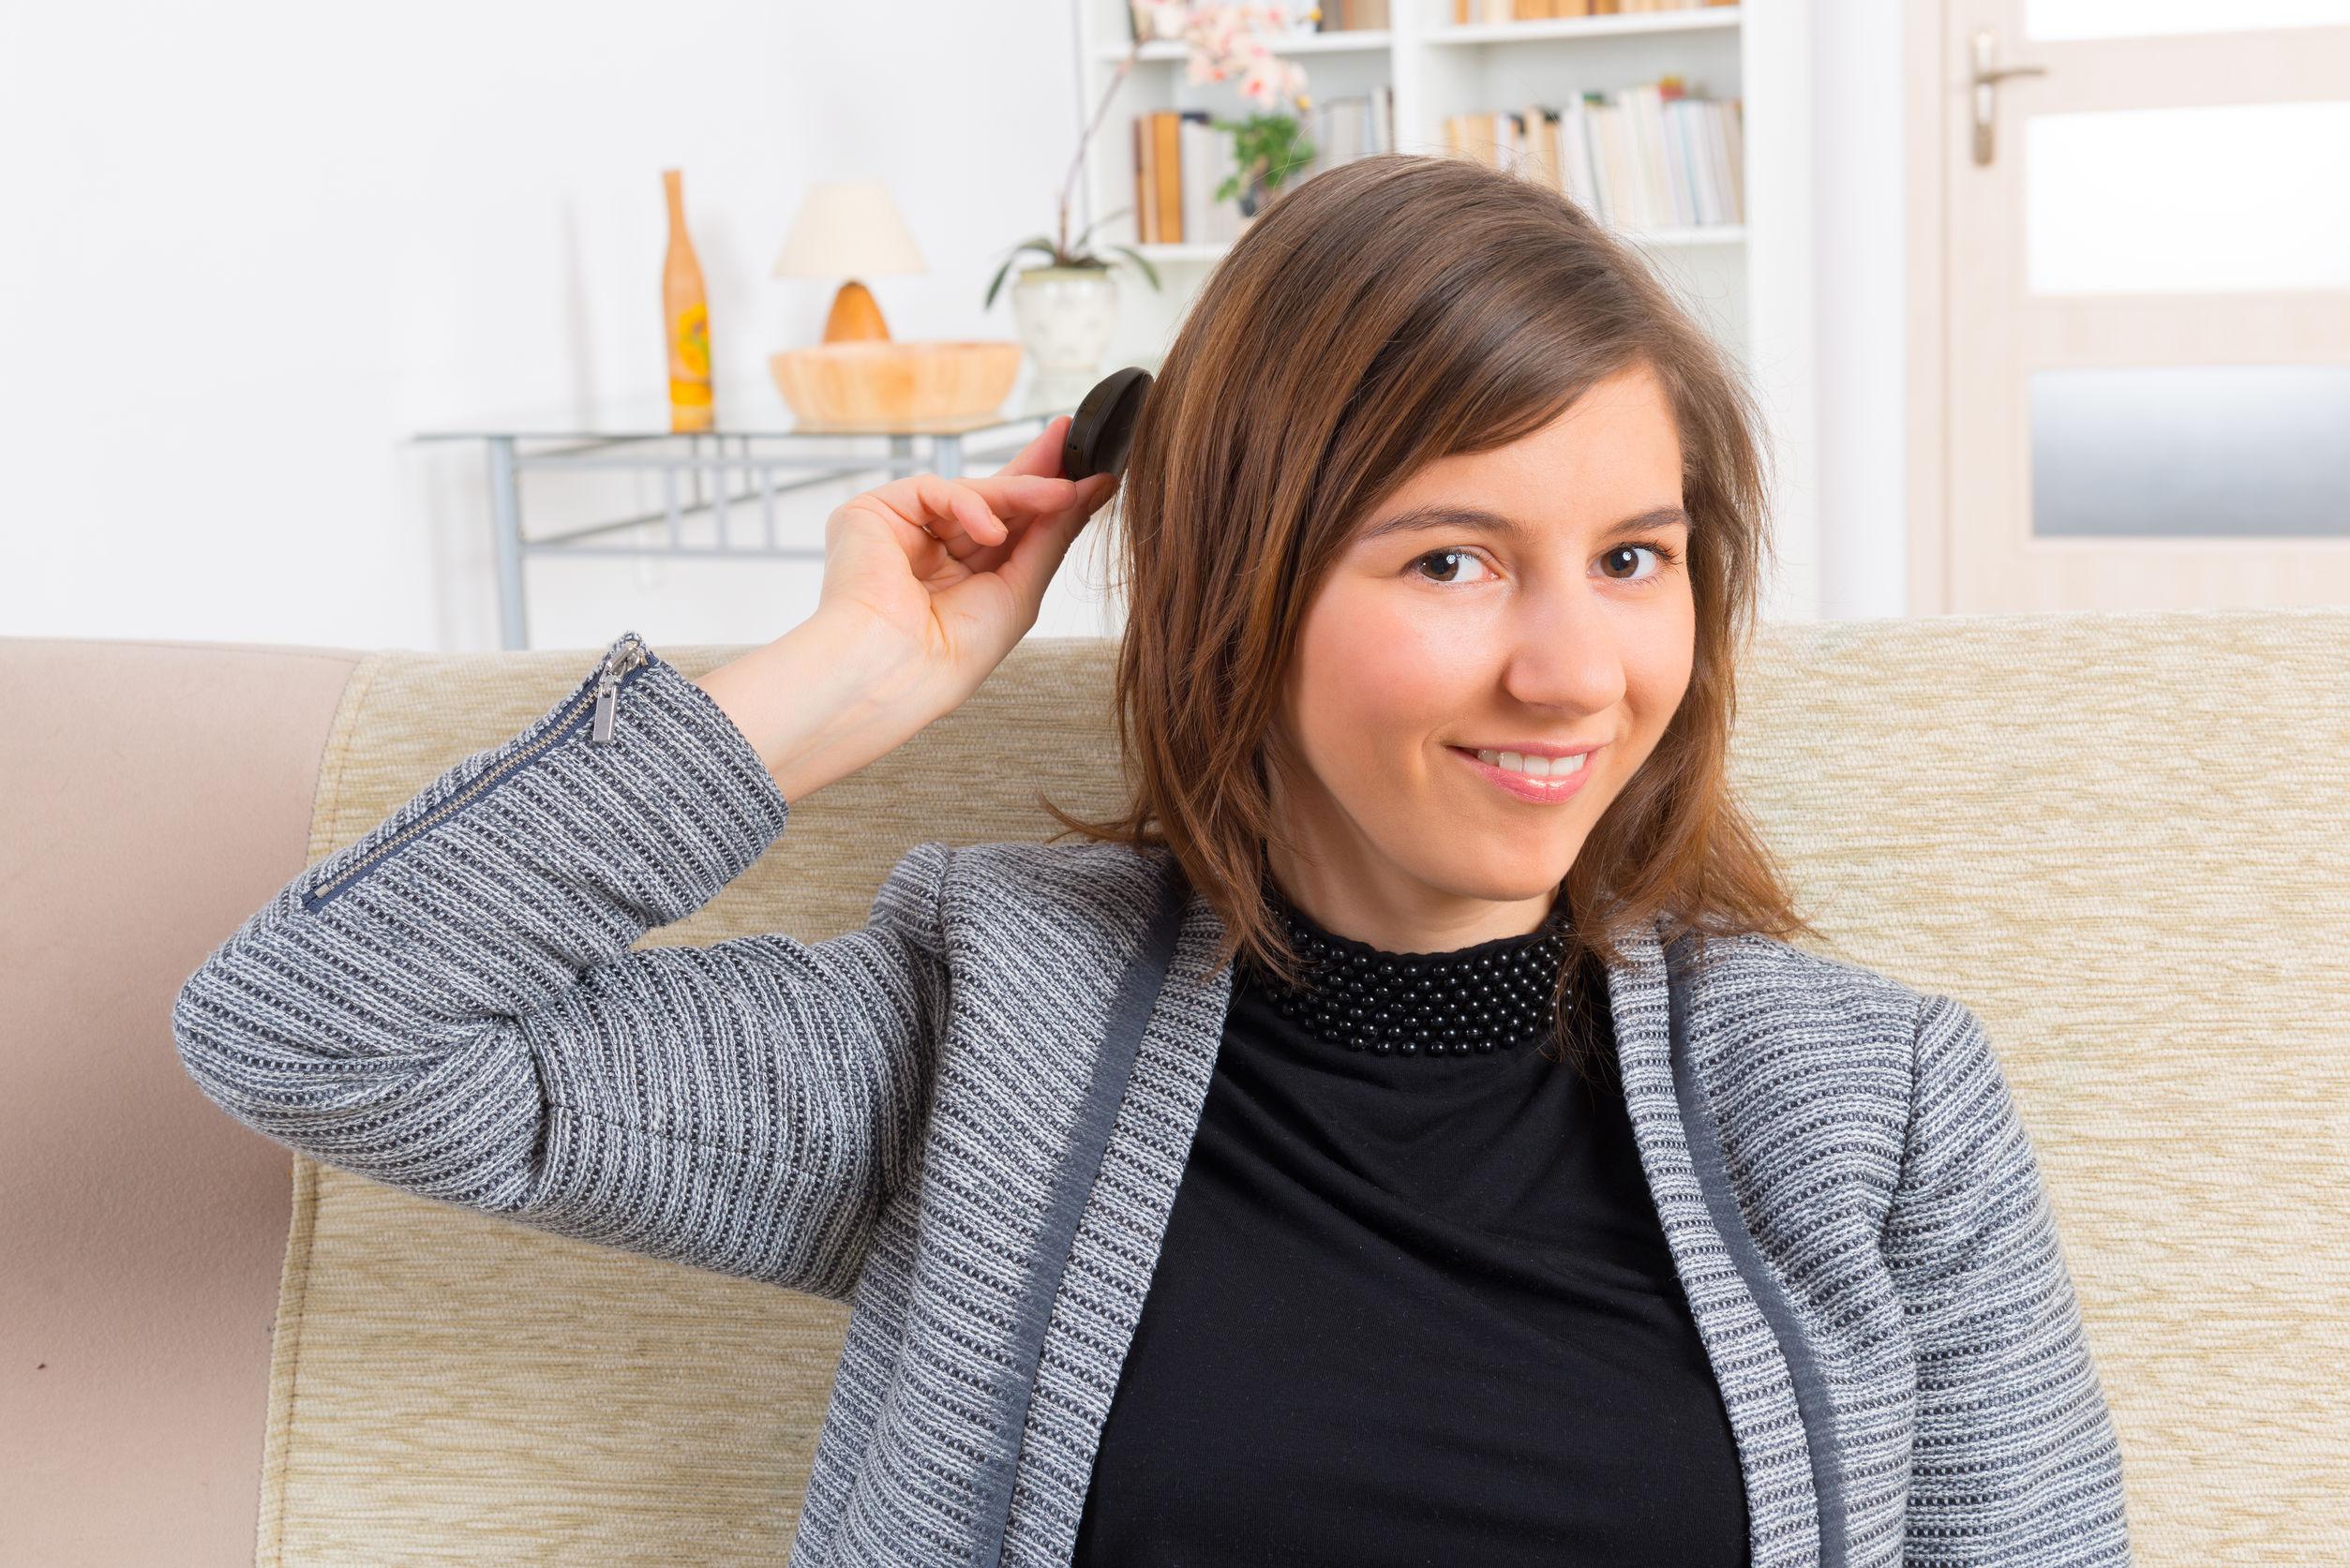 L'implant cochléaire améliore très rapidement l'audition